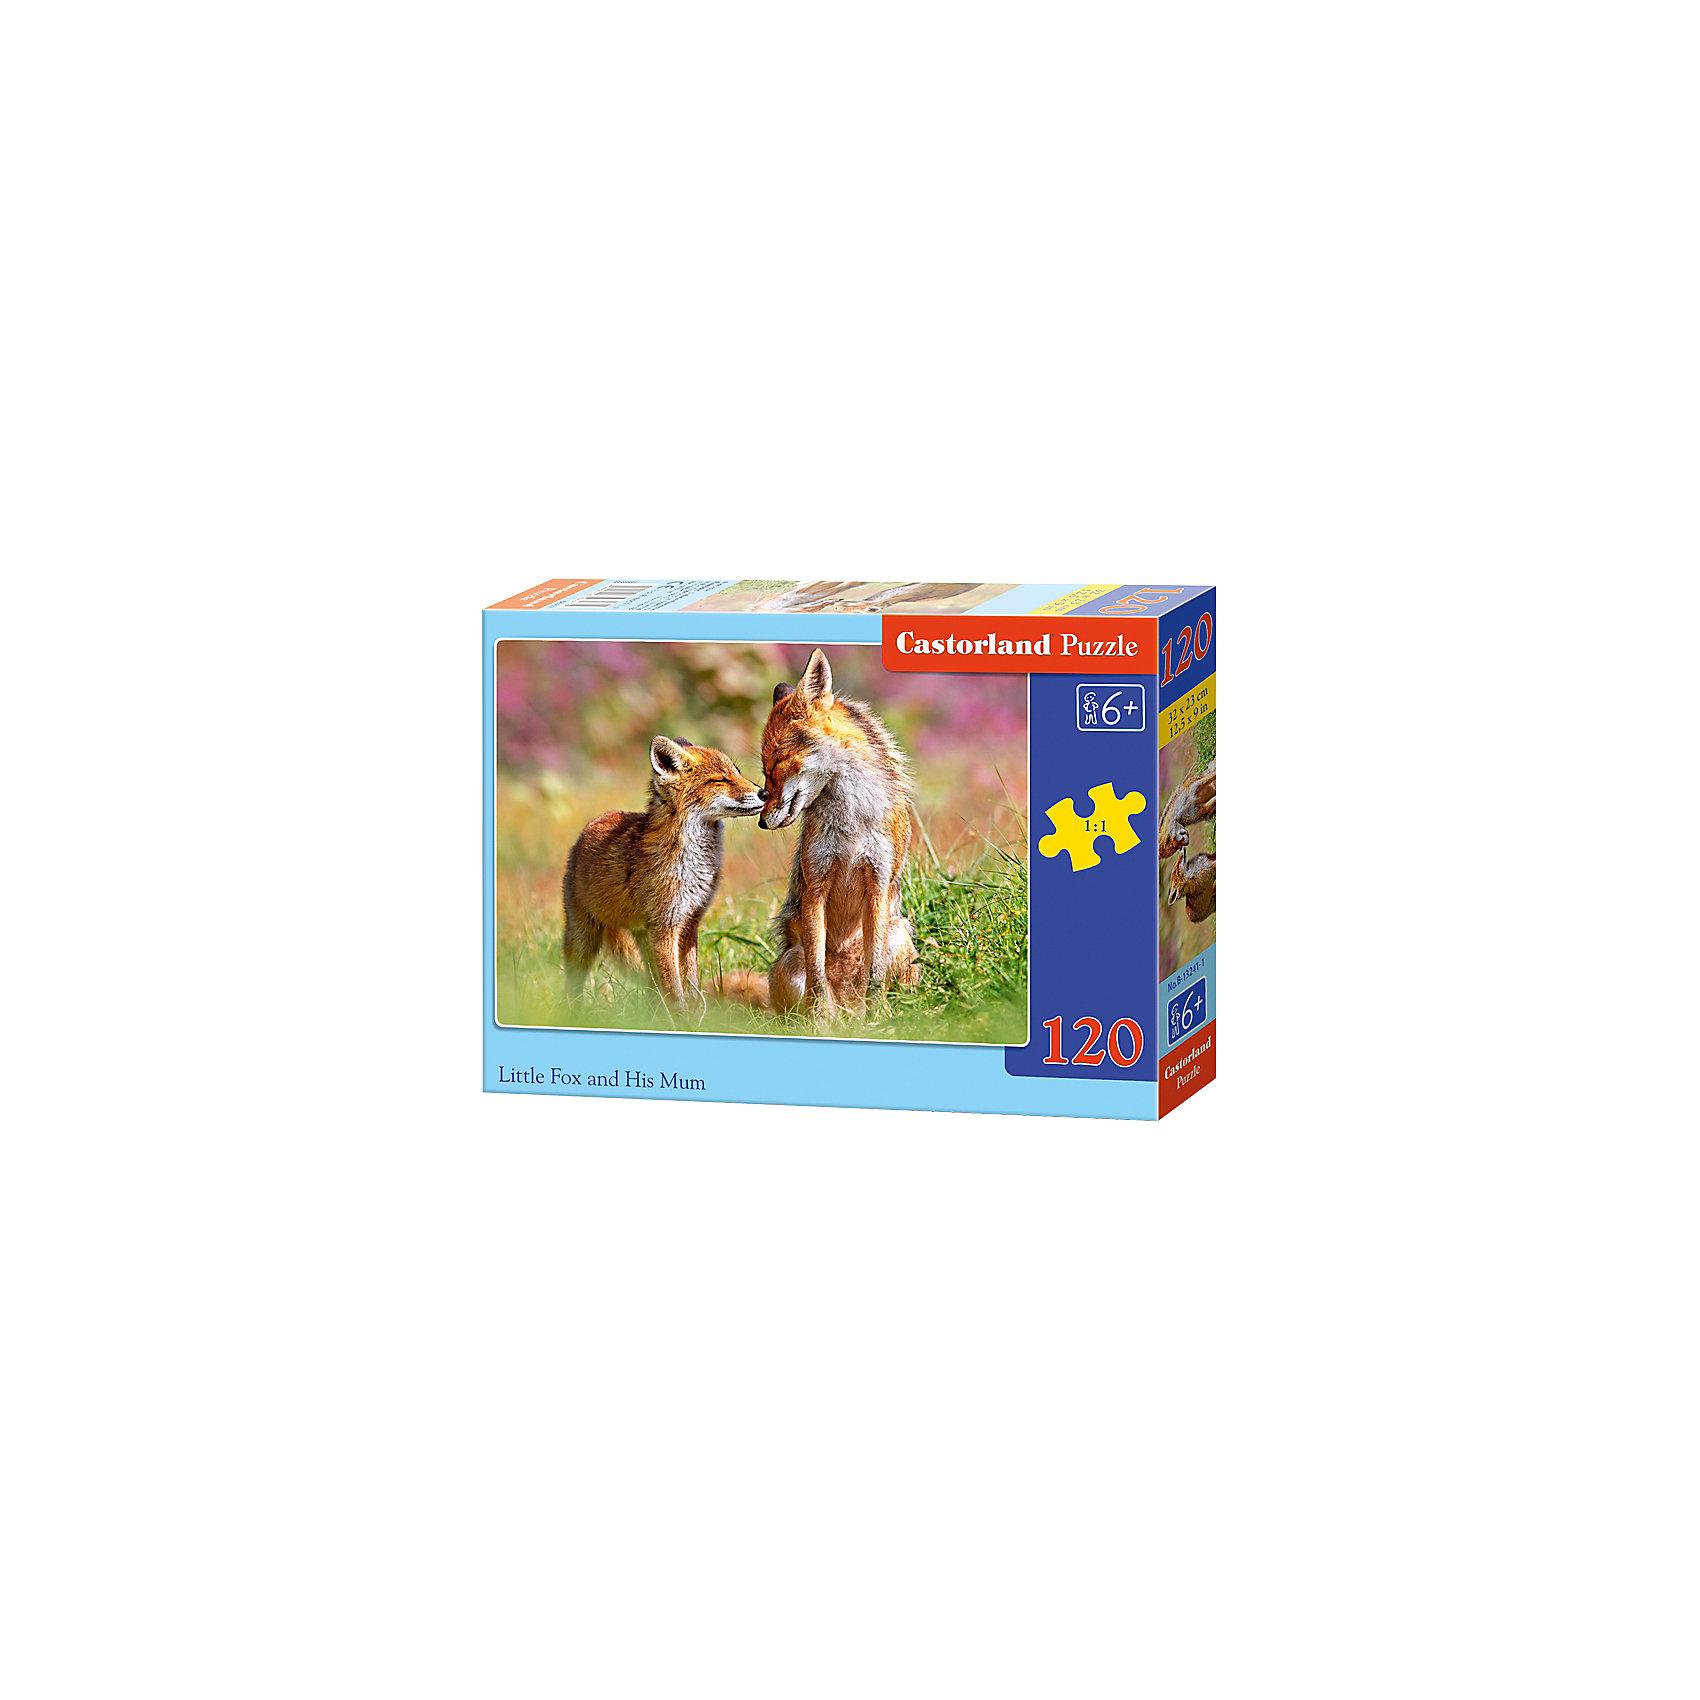 Пазл Castorland Лисы, 120 деталейПазлы для детей постарше<br>Характеристики:<br><br>• возраст: от 6 лет<br>• количество деталей: 120 шт.<br>• размер собранного пазла: 32х23 см.<br>• материал: картон<br>• упаковка: картонная коробка<br>• размер упаковки: 17,5x3,7x13 см.<br>• вес: 300 гр.<br>• страна обладатель бренда: Польша<br><br>Пазл «Лисы» от Castorland (Касторленд) отличается высоким качеством, высоким уровнем полиграфии, насыщенными цветами и идеальной стыковкой элементов. Из 120 элементов пазла ребенок соберет красочную картинку с изображением двух лисиц.<br><br>Пазл Лисы, 120 деталей, Castorland (Касторленд) можно купить в нашем интернет-магазине.<br><br>Ширина мм: 175<br>Глубина мм: 130<br>Высота мм: 37<br>Вес г: 300<br>Возраст от месяцев: 72<br>Возраст до месяцев: 2147483647<br>Пол: Унисекс<br>Возраст: Детский<br>SKU: 6725097